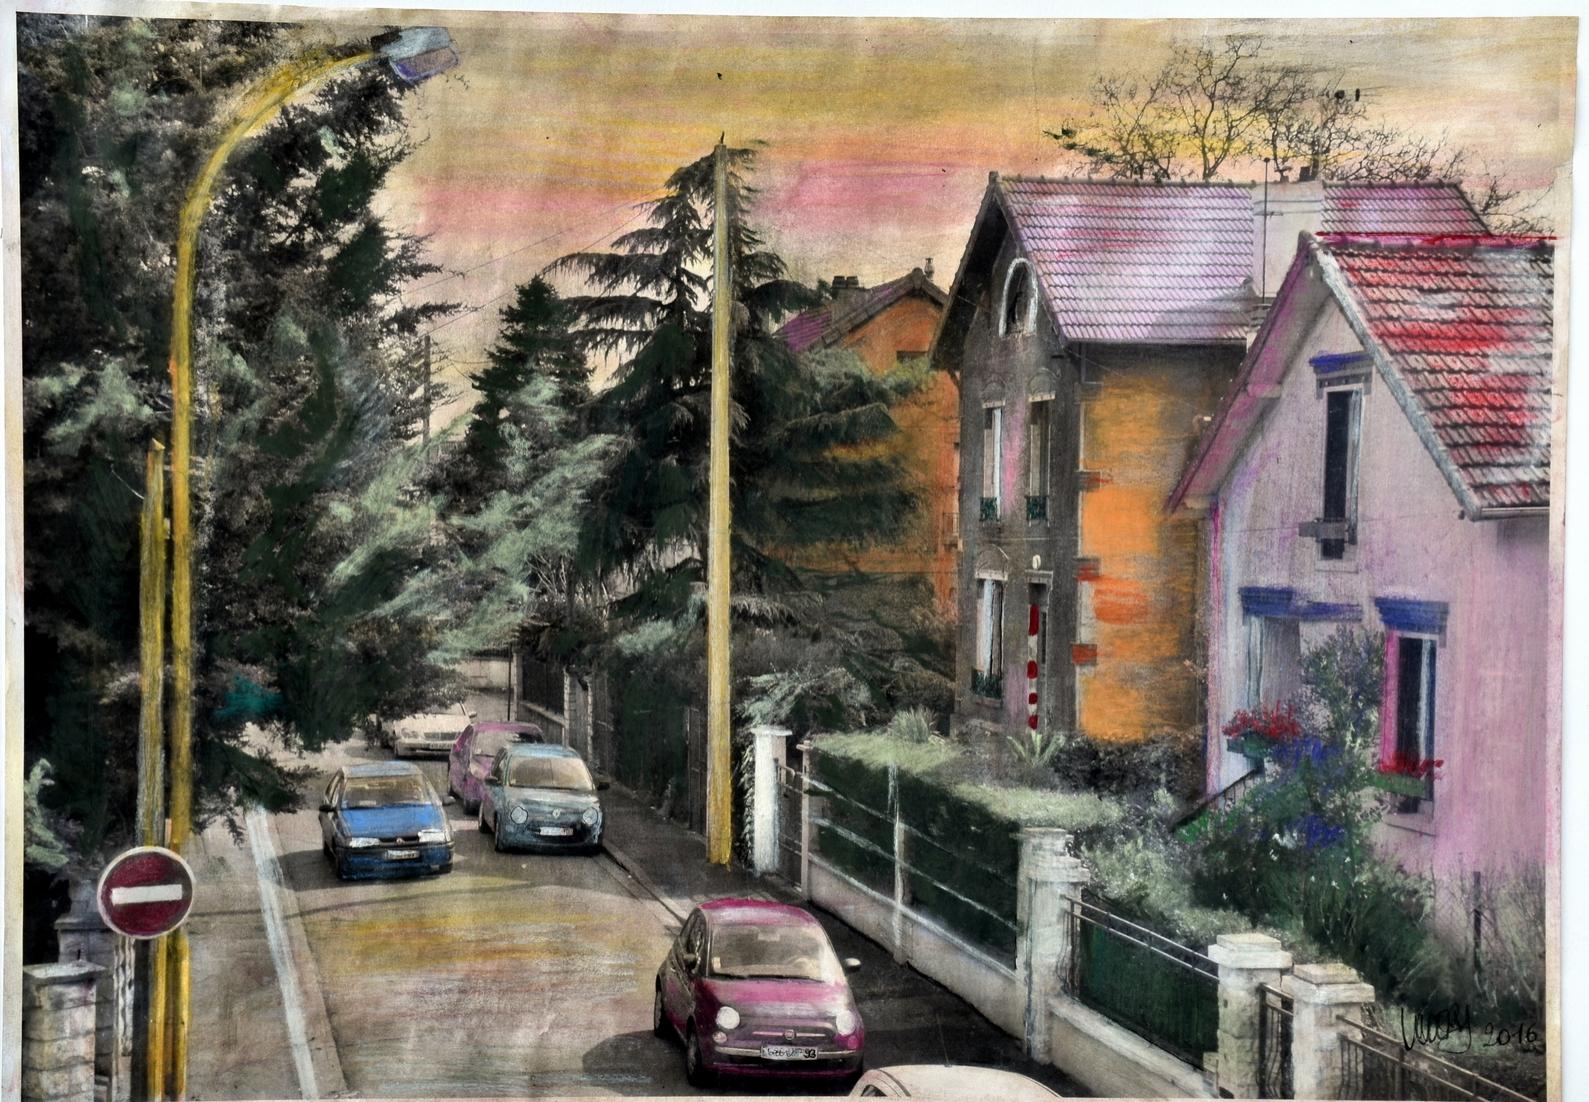 La maison rose - Techniques mixtes - Maud WERY